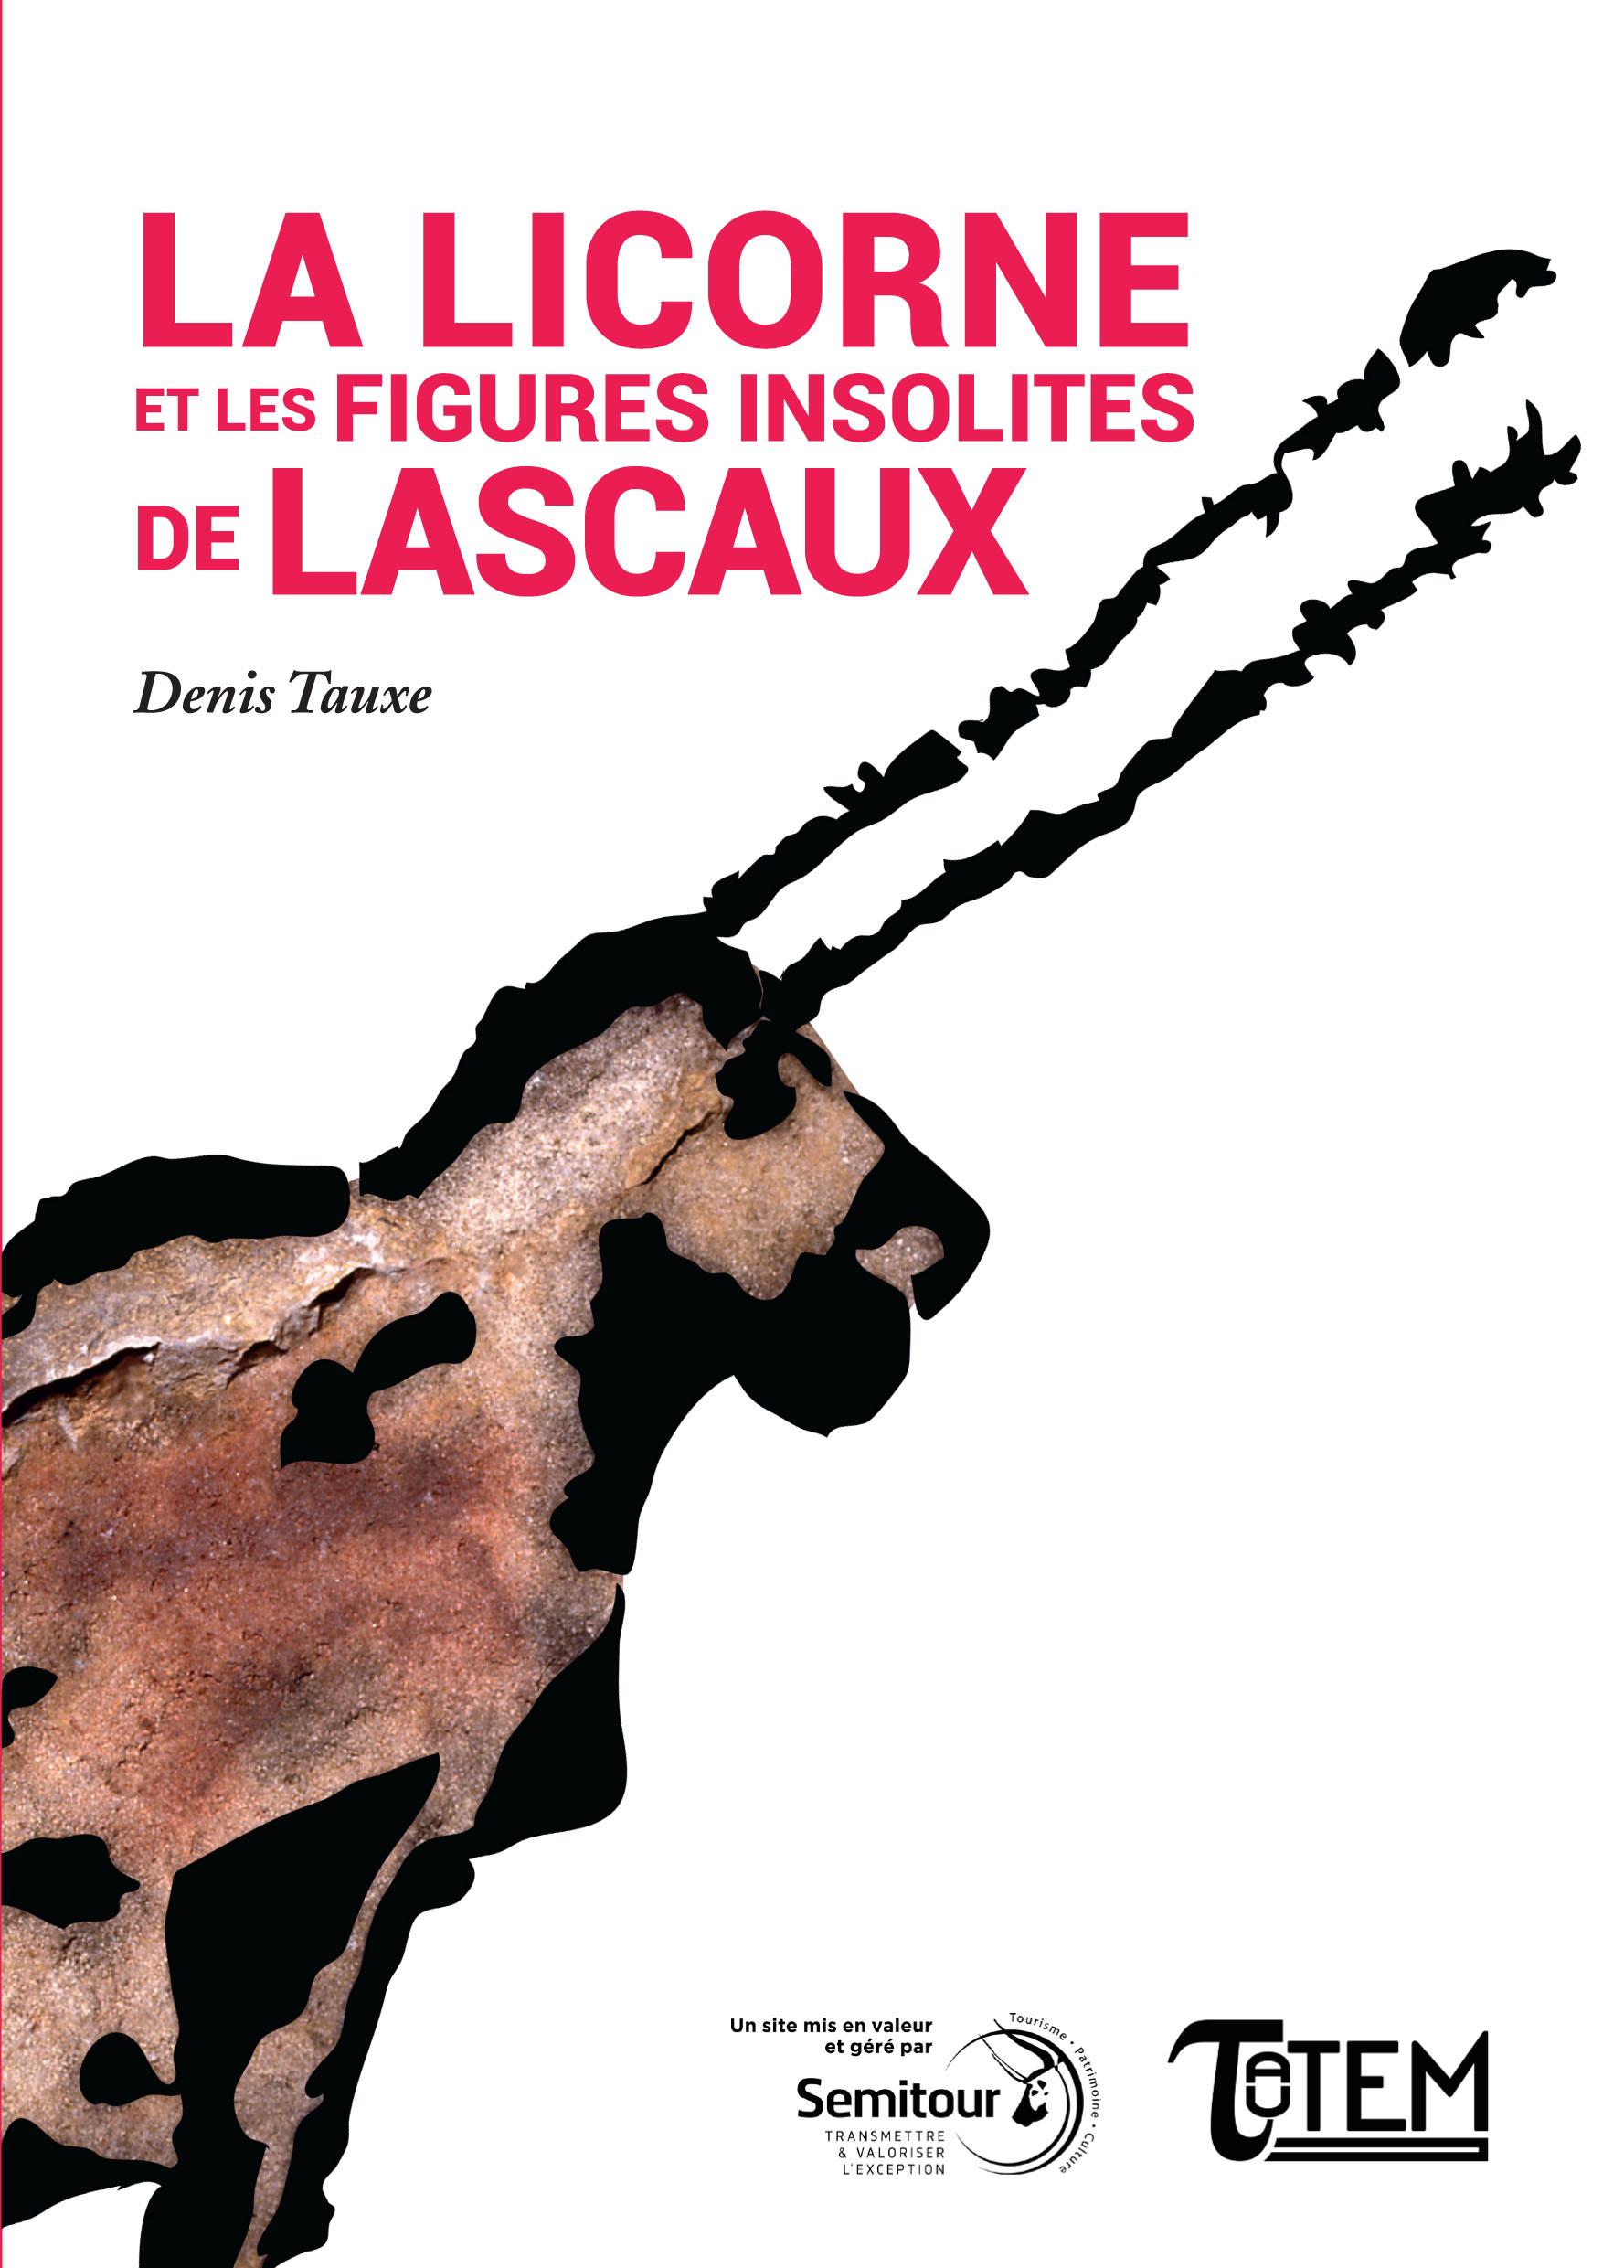 <b>La Licorne et les figures insolites de Lascaux</b>